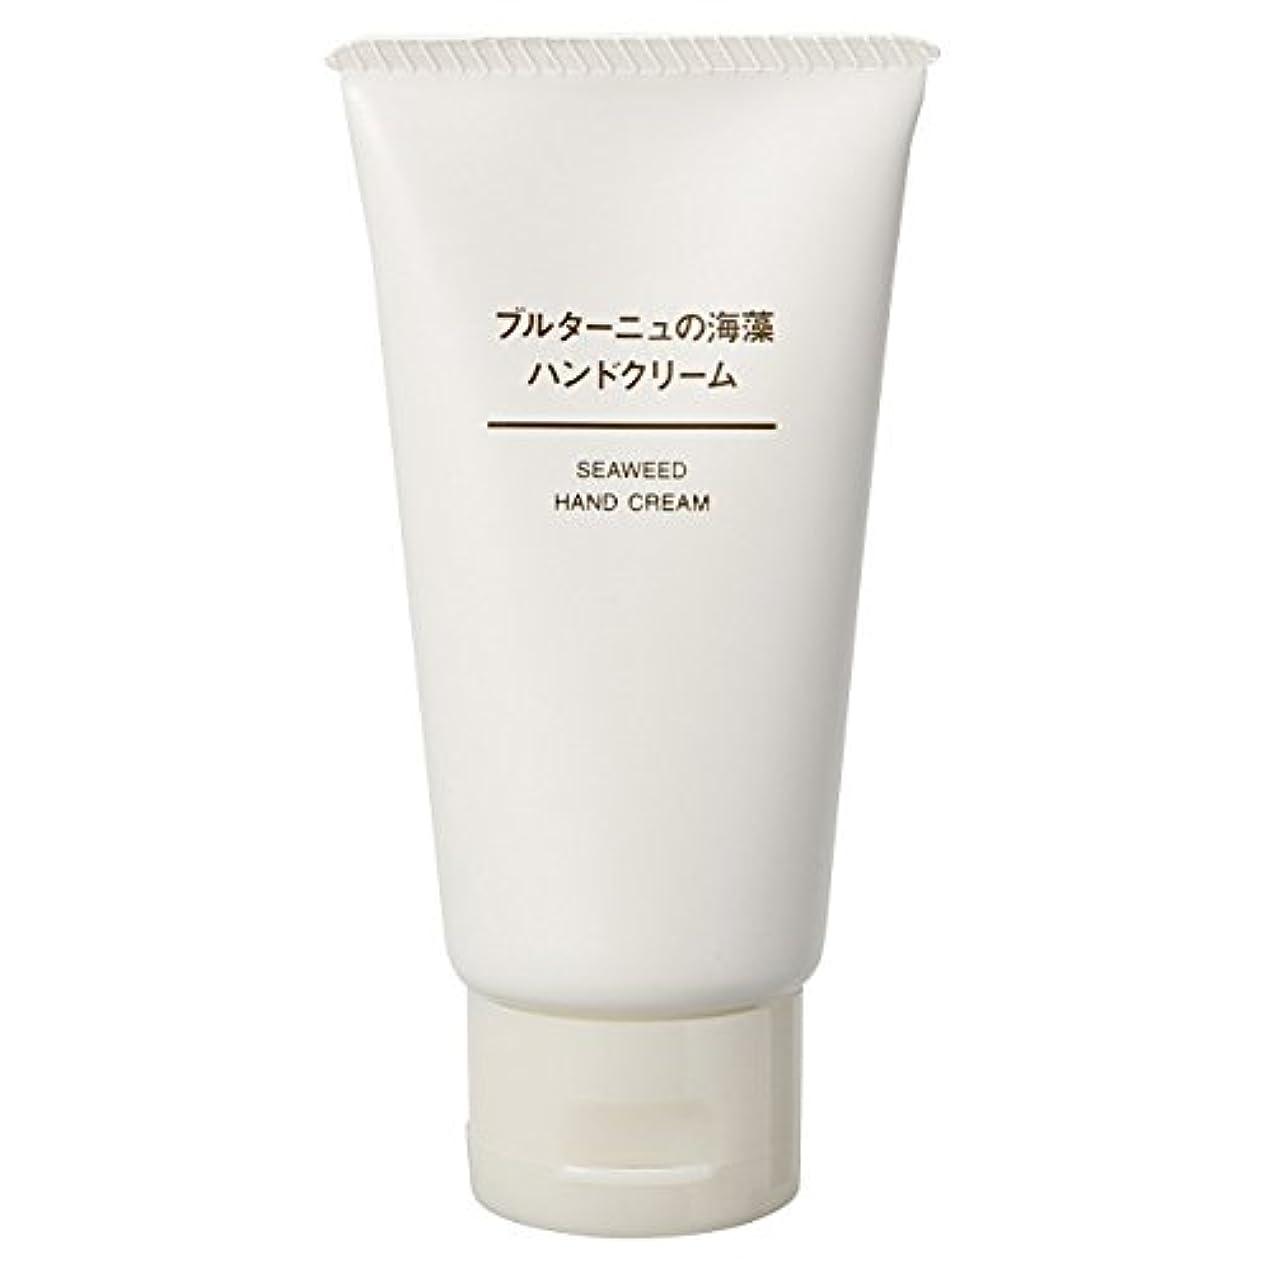 少数首相一部無印良品 ブルターニュの海藻 ハンドクリーム 50g 日本製